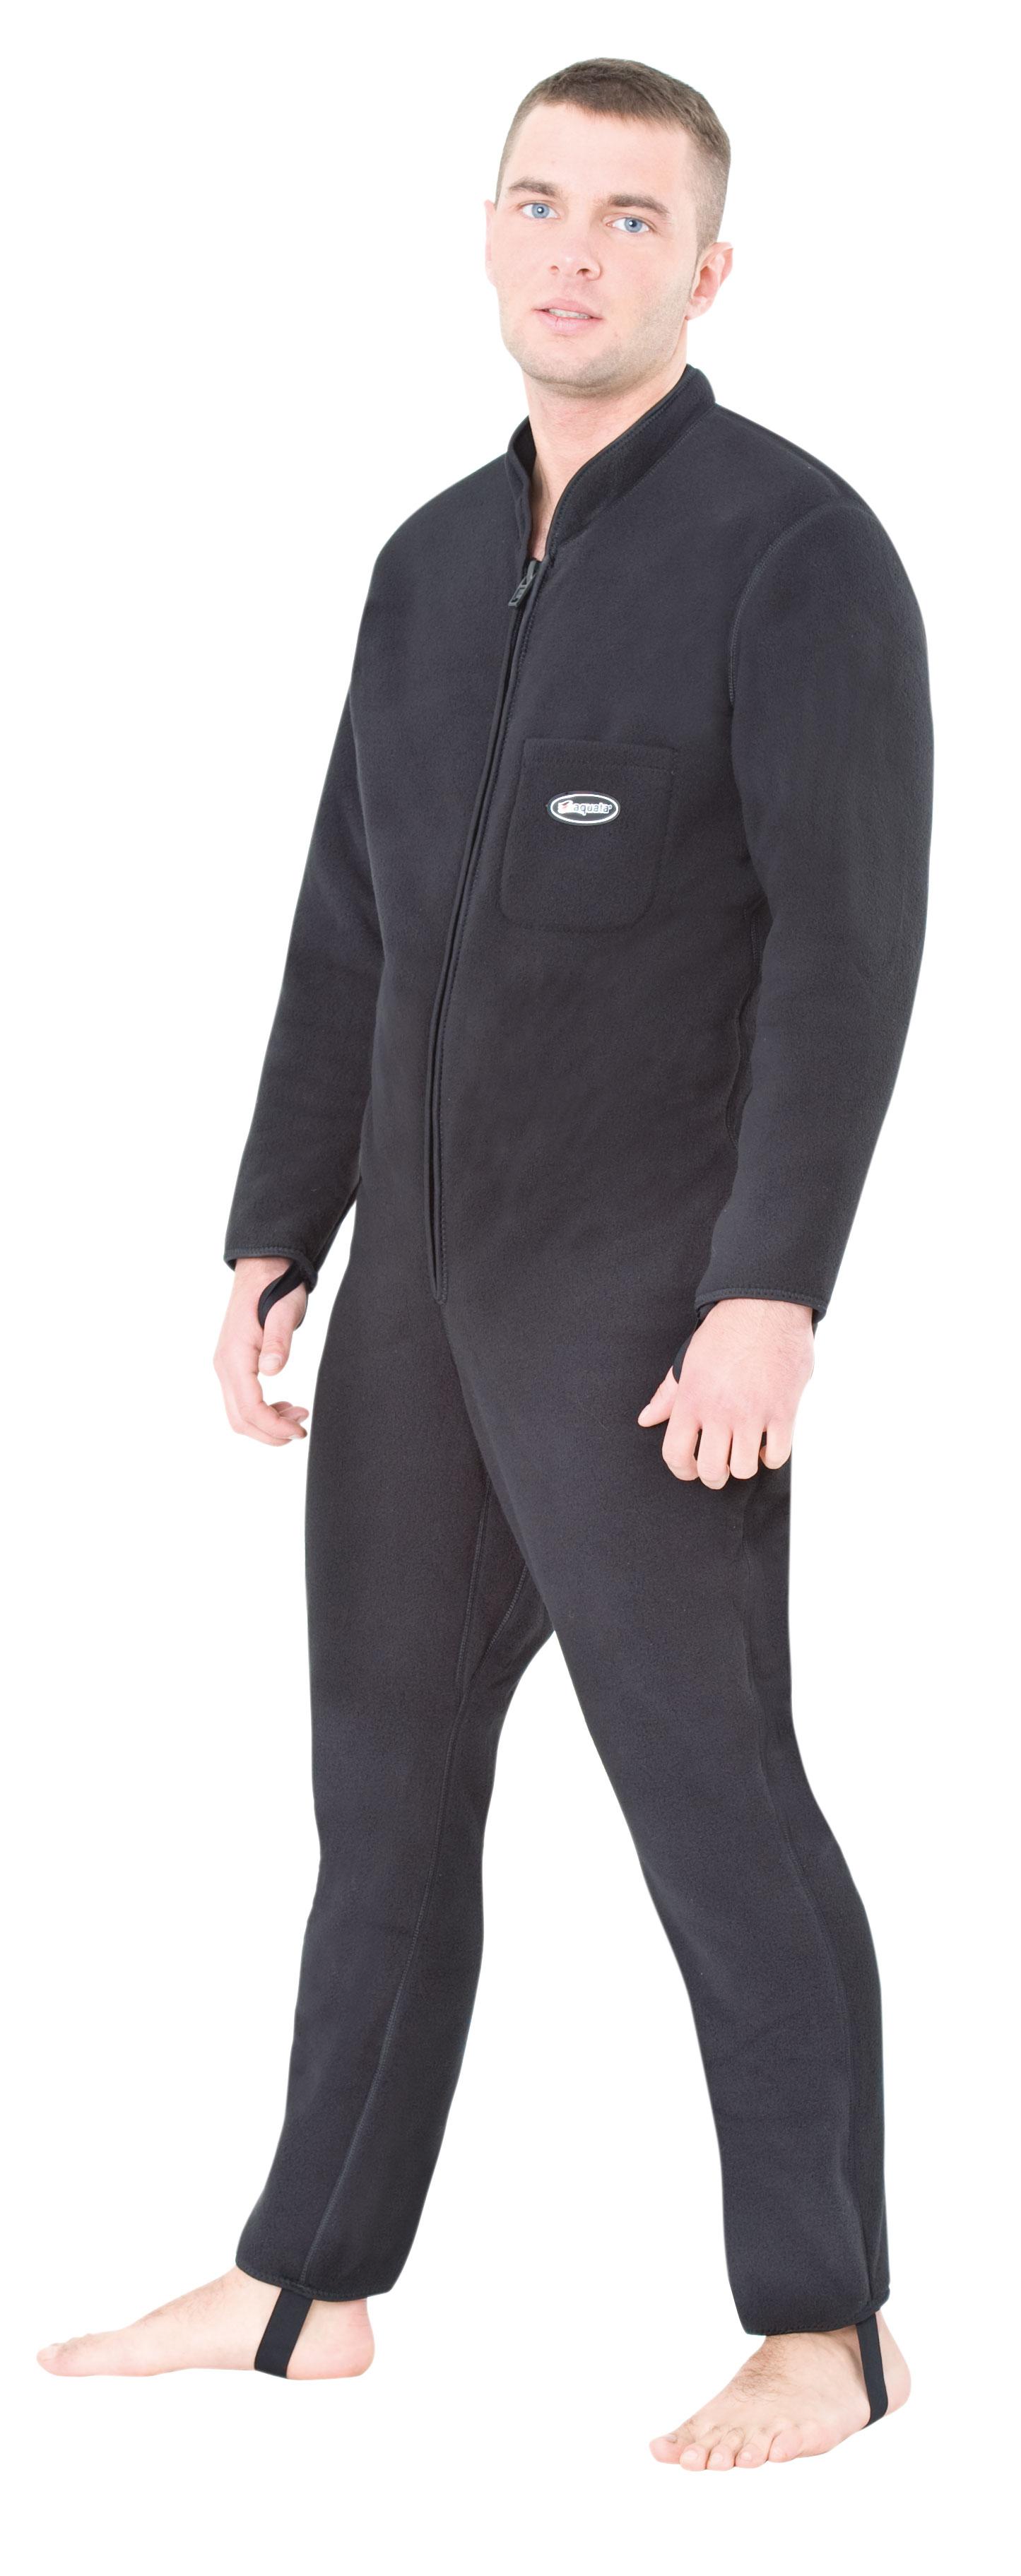 Trockentauchanzug  Unterzieher aus  Fleece     Modell Underall 6